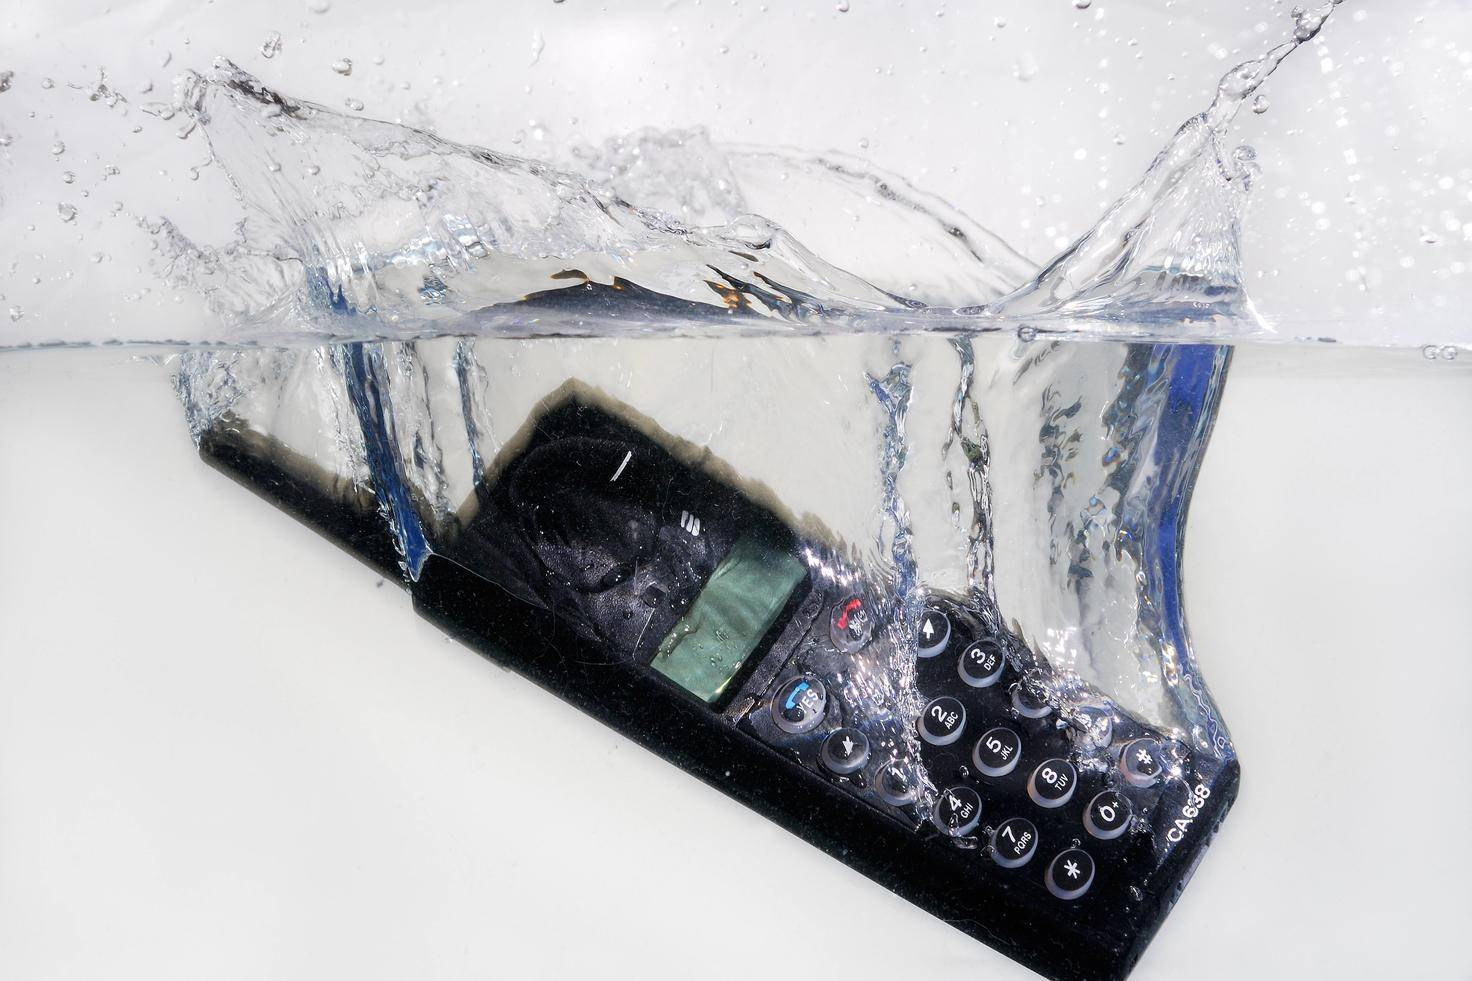 Ein Horrorszenario: Das Handy fällt ins Wasser. Was ist zu tun?